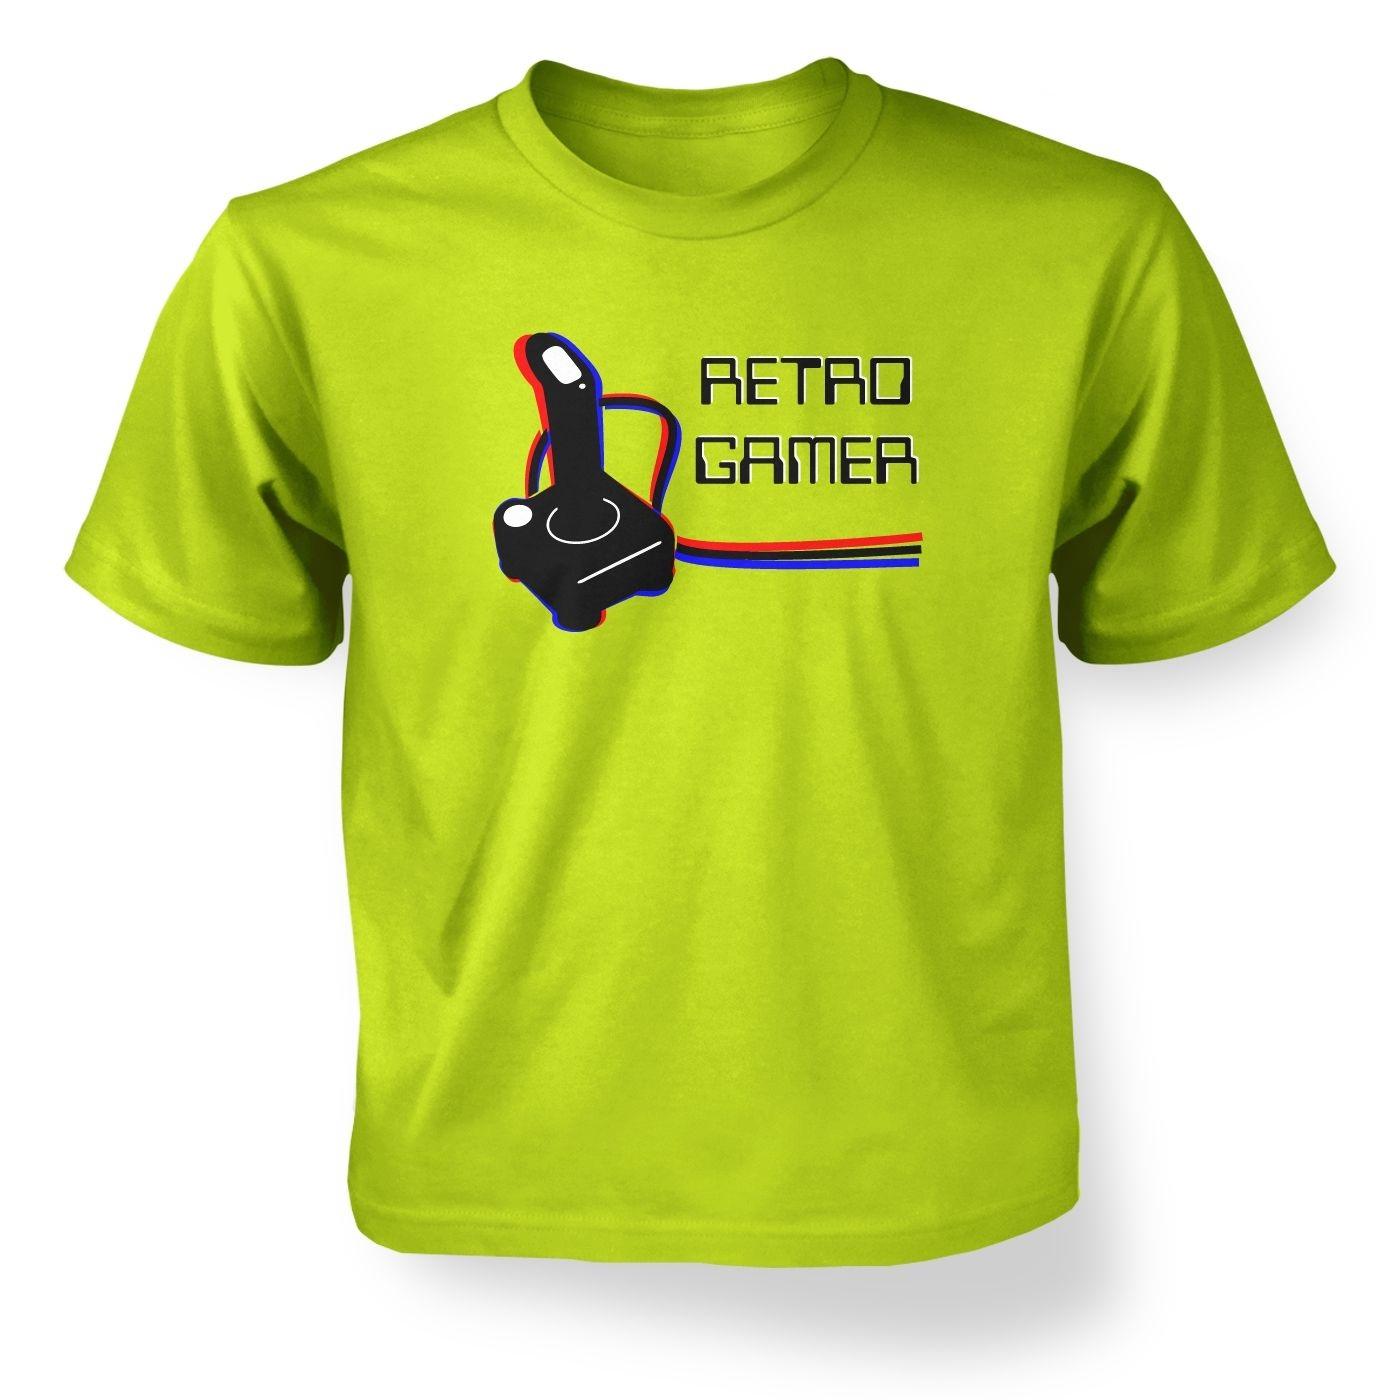 Retro Gamer kids' t-shirt